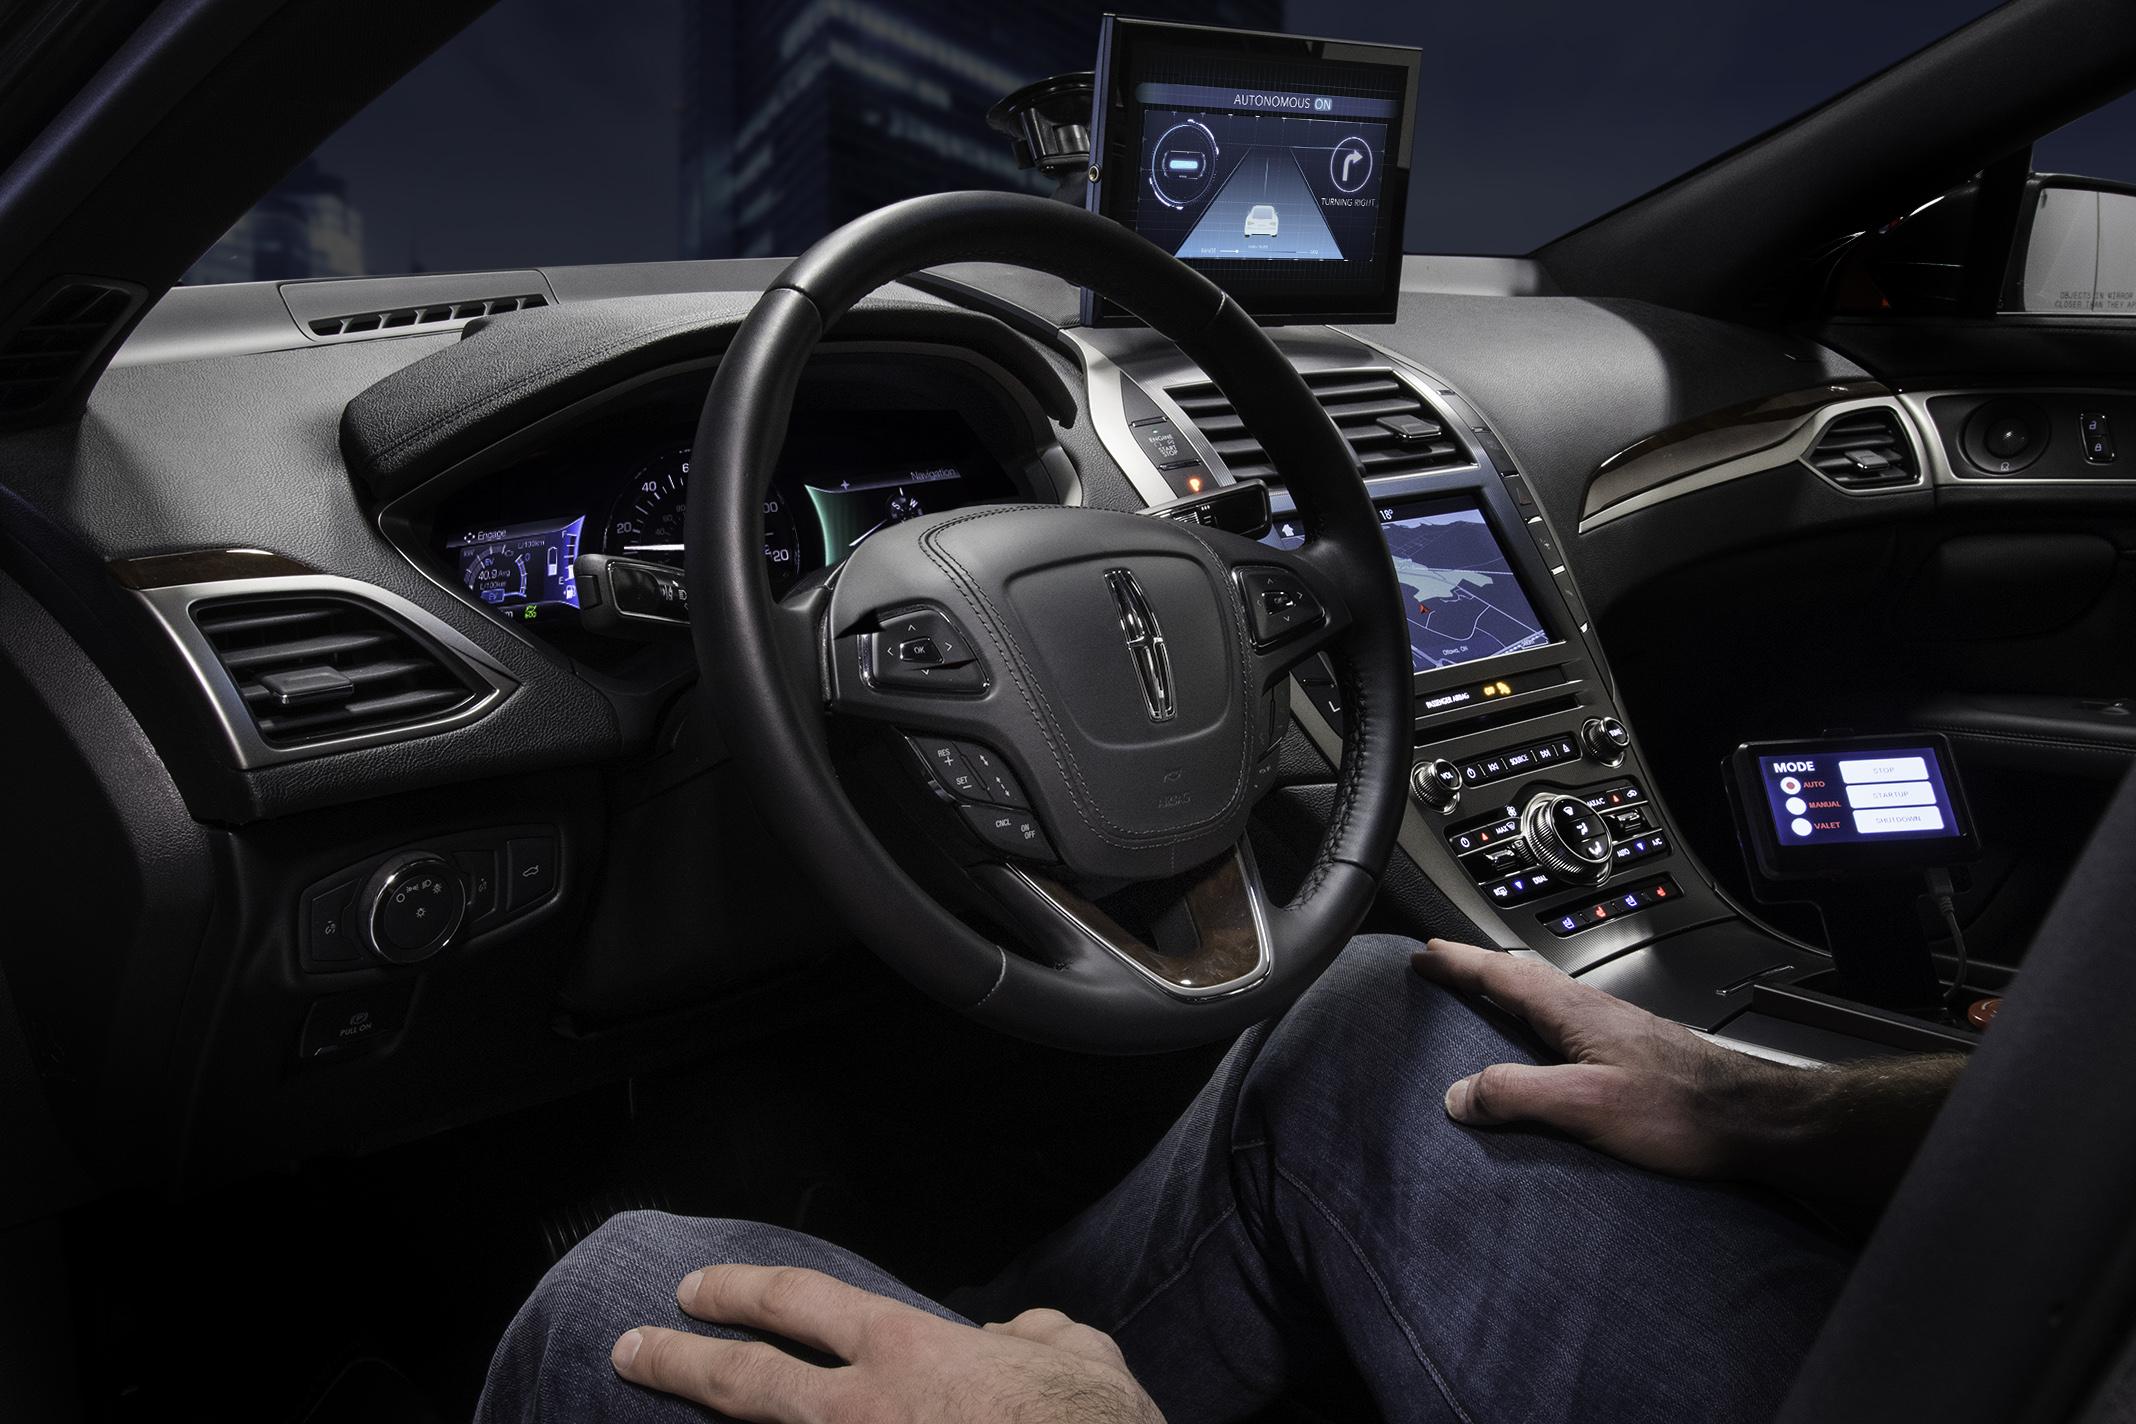 Embedded-Software-Plattform für autonomes Fahren und Connected Cars